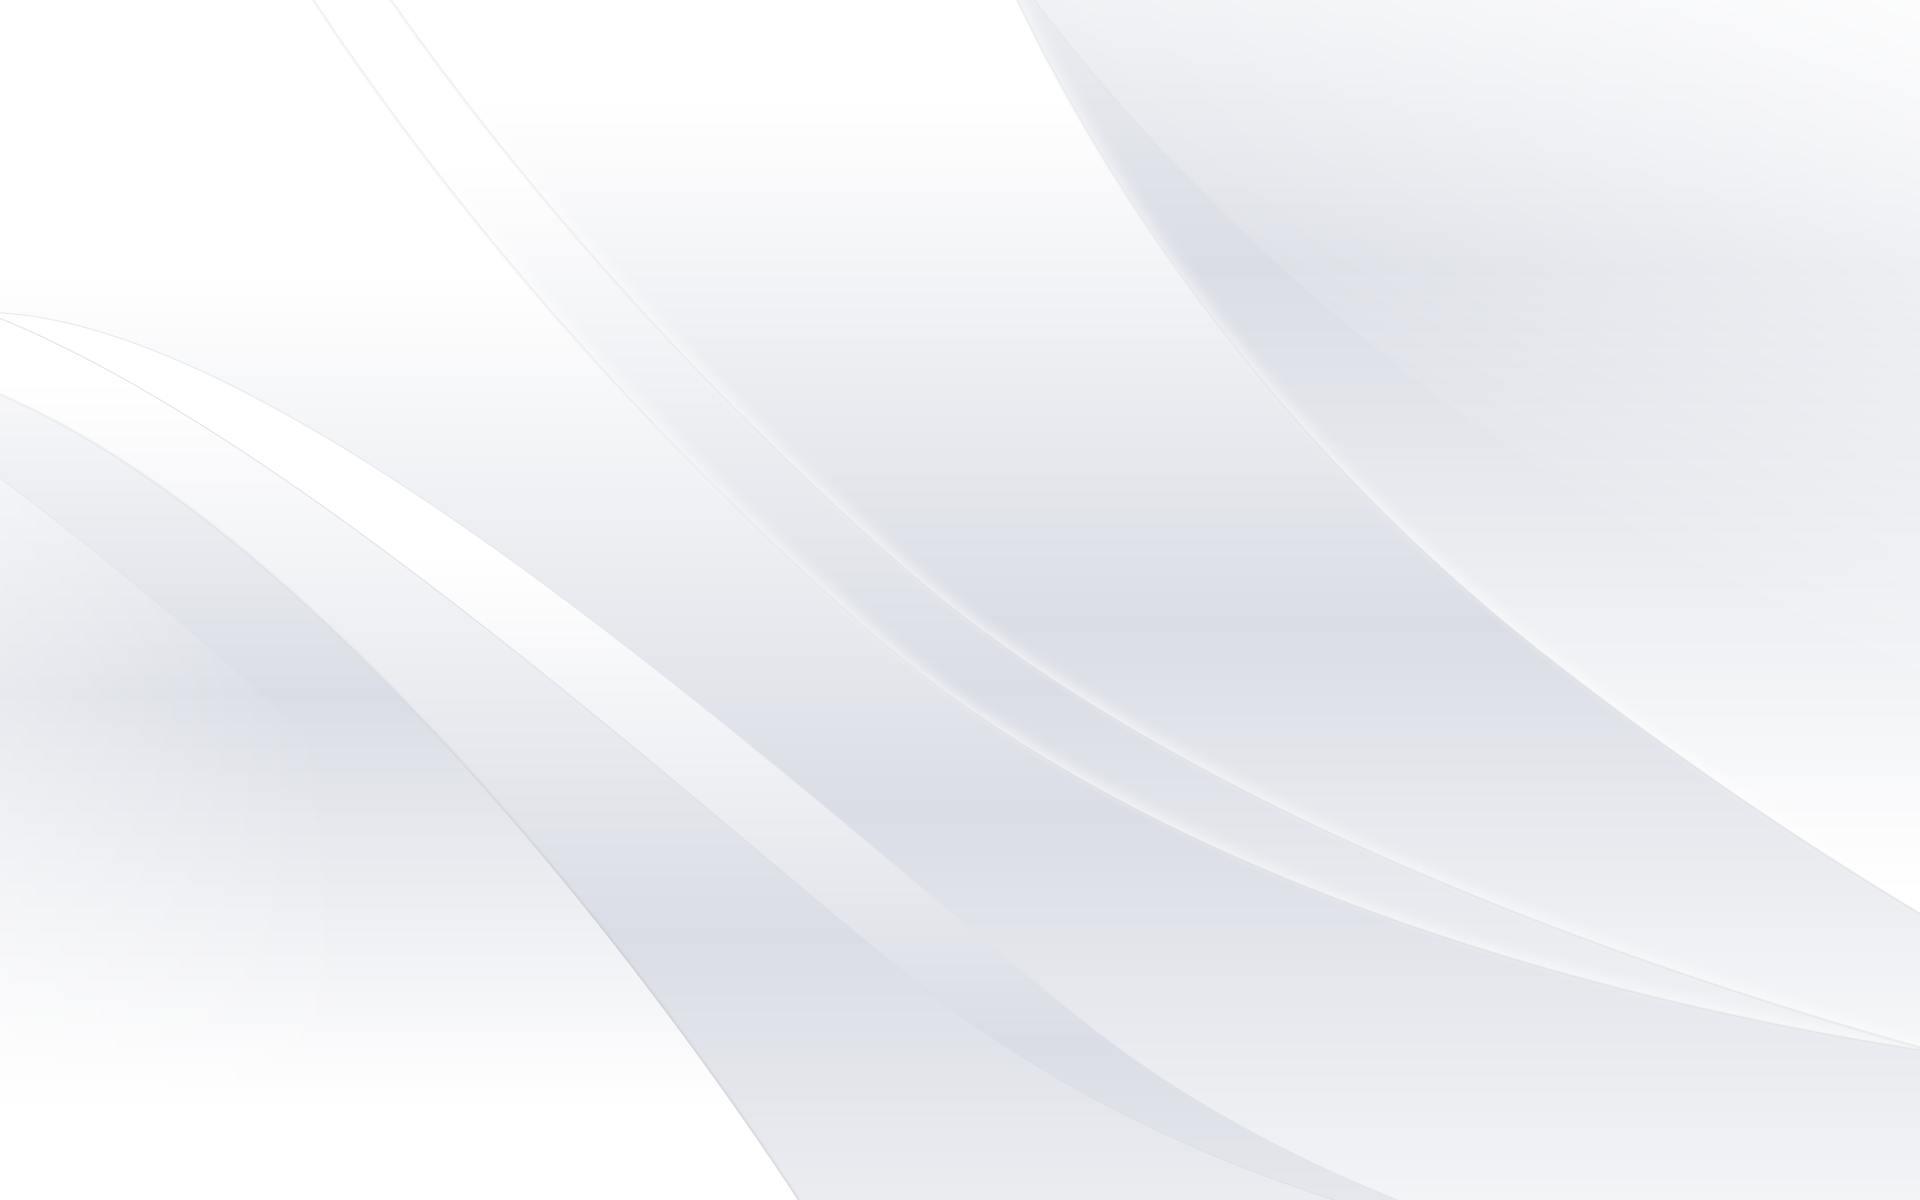 White Desktop Backgrounds